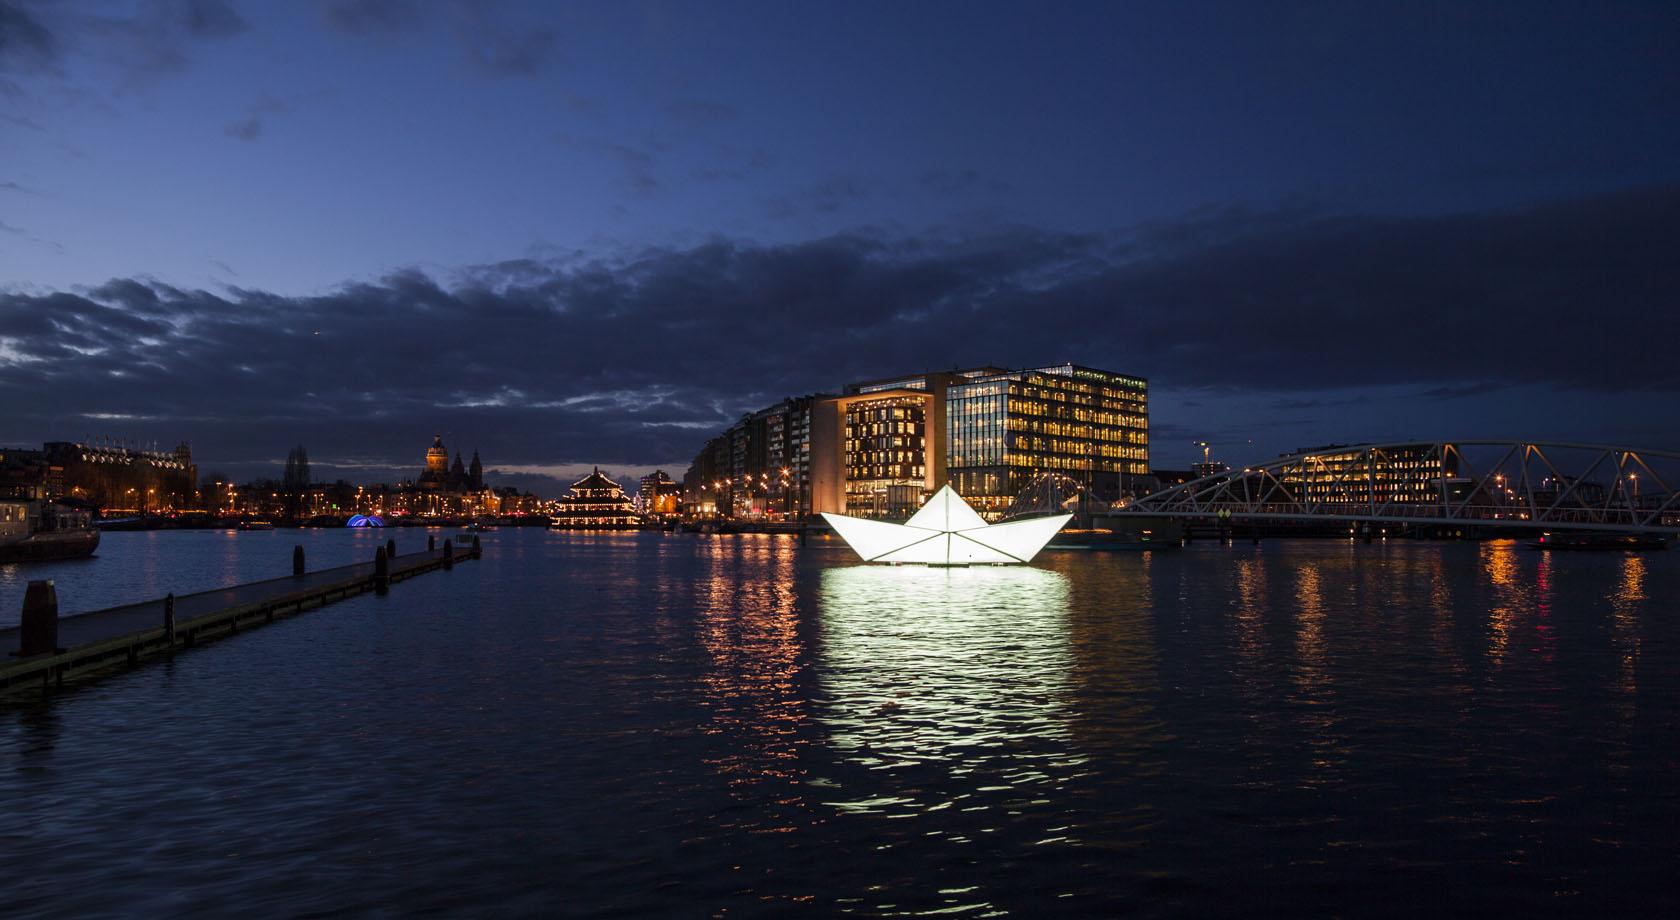 Intrepid-The-Paper-Boat-Katja-Galyuk-Copyright-Janus-van-den-Eijnden-detail-foto